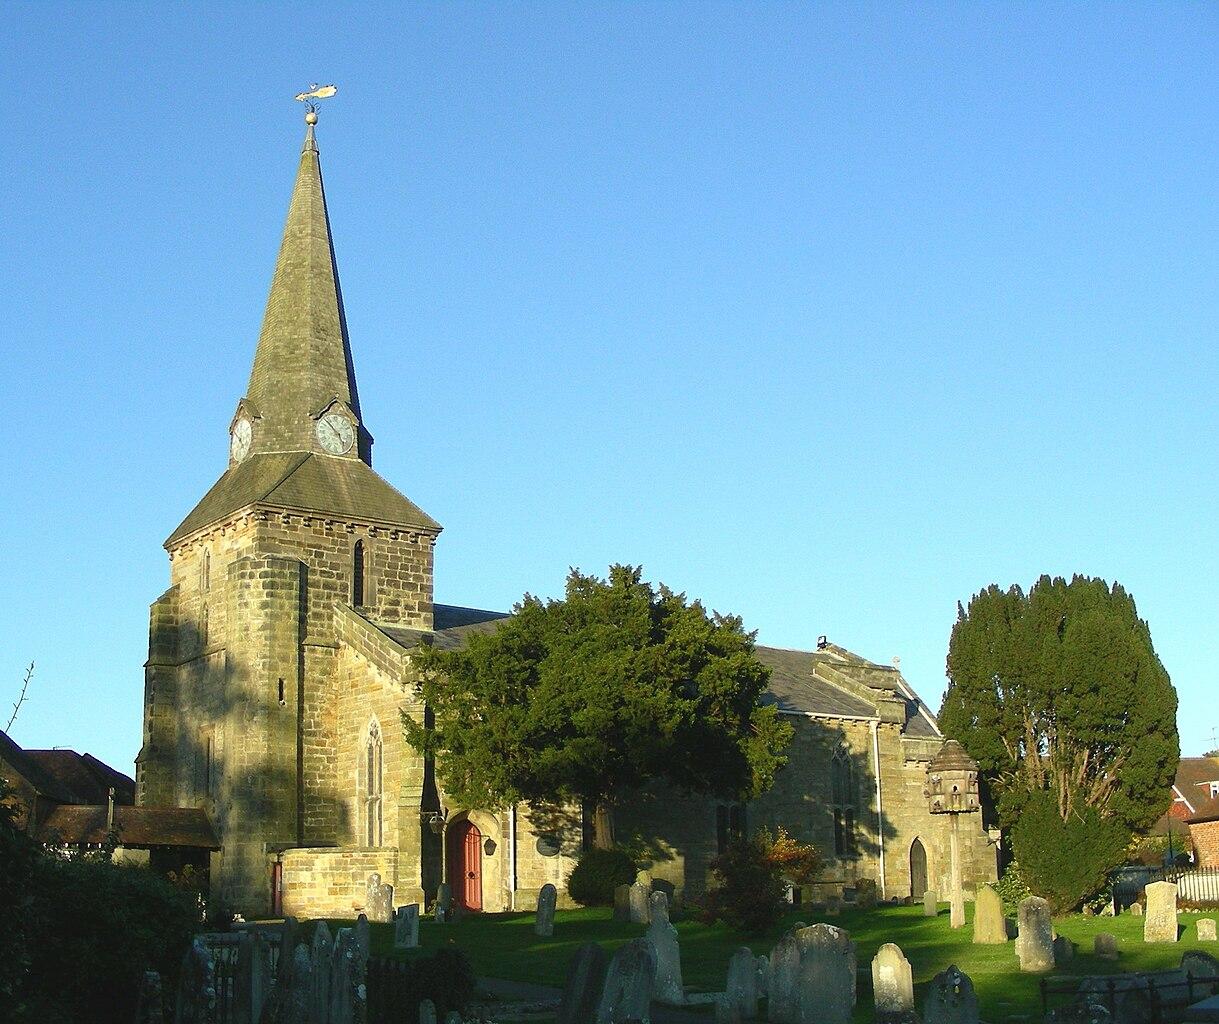 Messageofthecrosschurch Org: File:Holy Cross Church, Uckfield.JPG